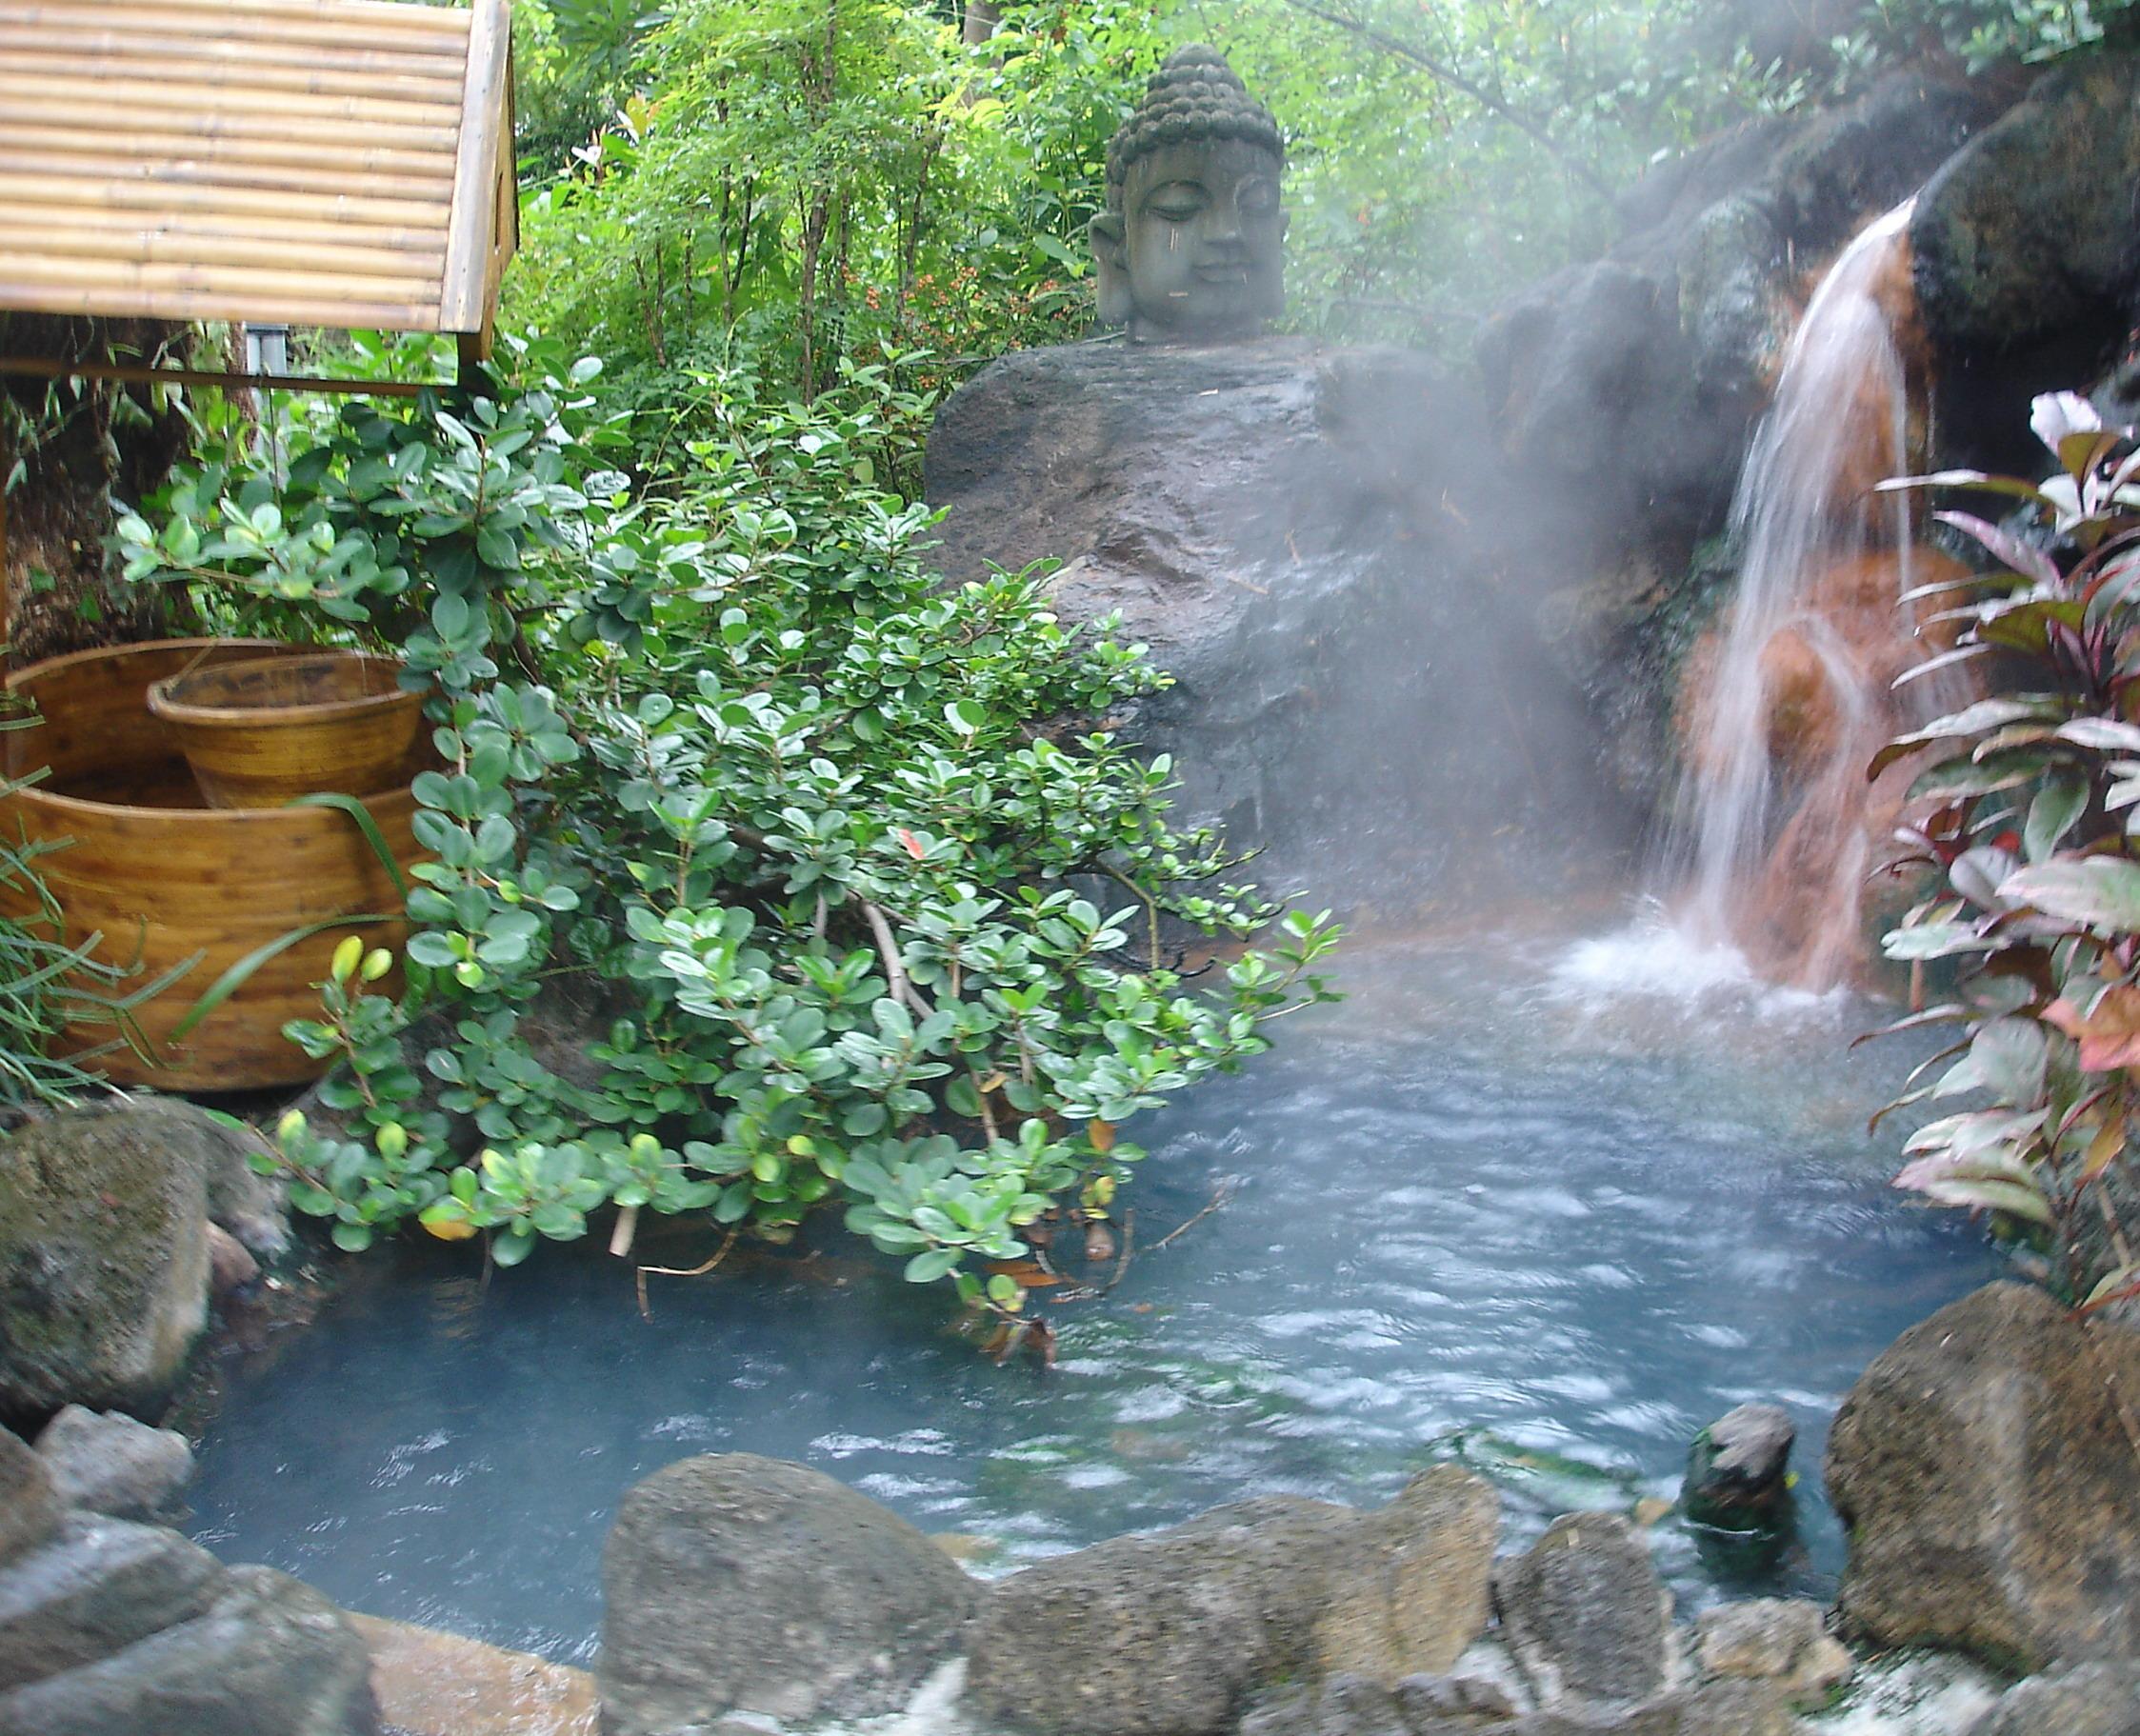 宜蘭 礁溪|溫泉行程懶人包 景點安排、住宿推薦